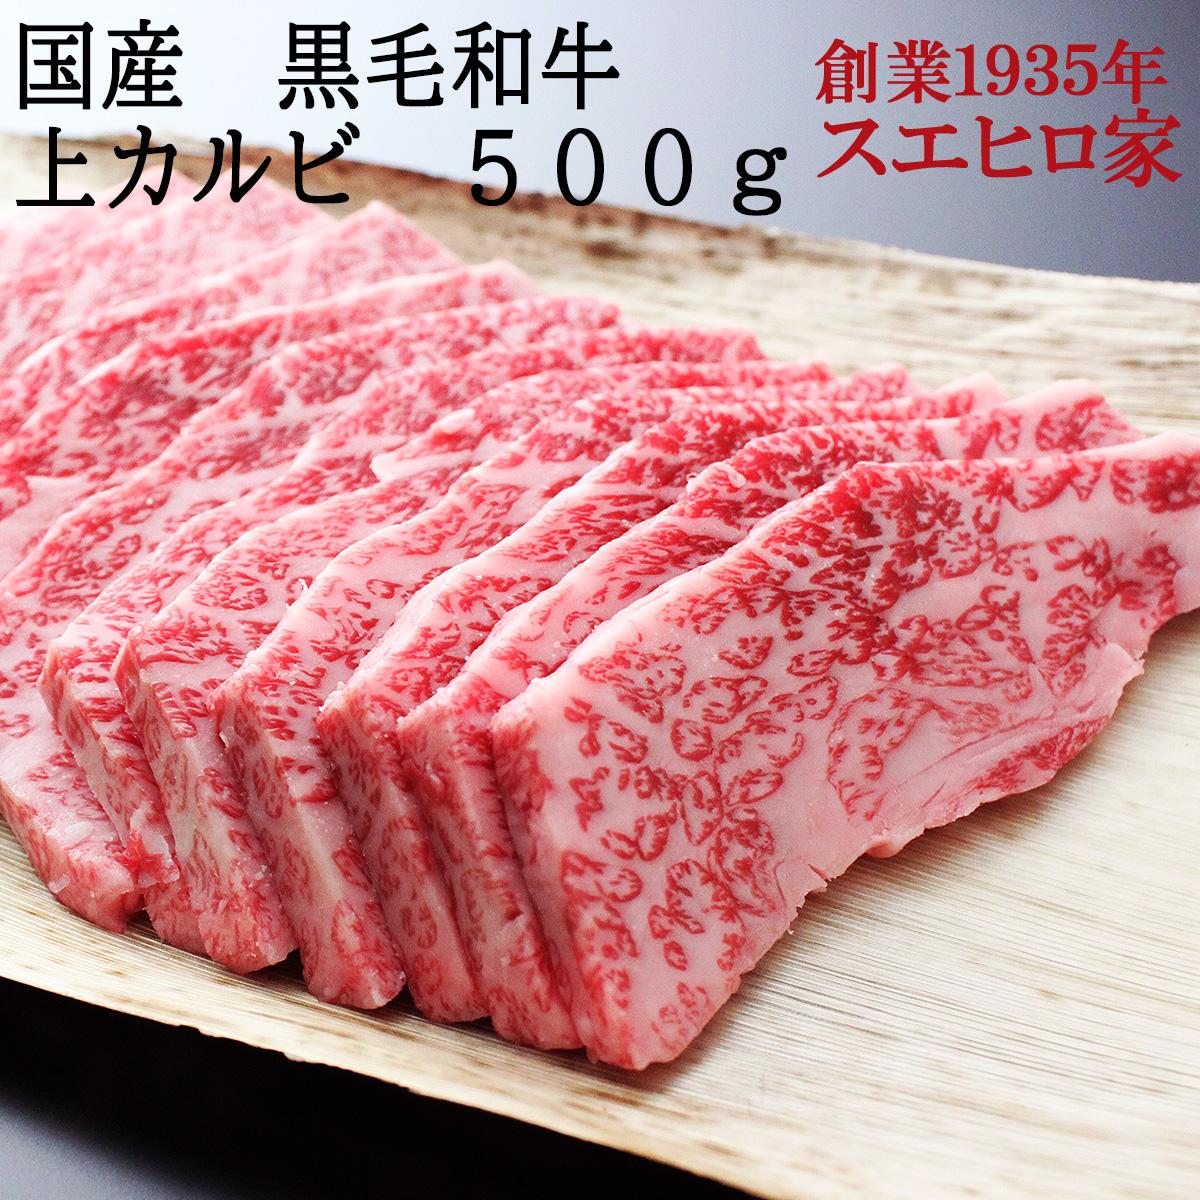 黒毛和牛とろける上カルビ焼肉